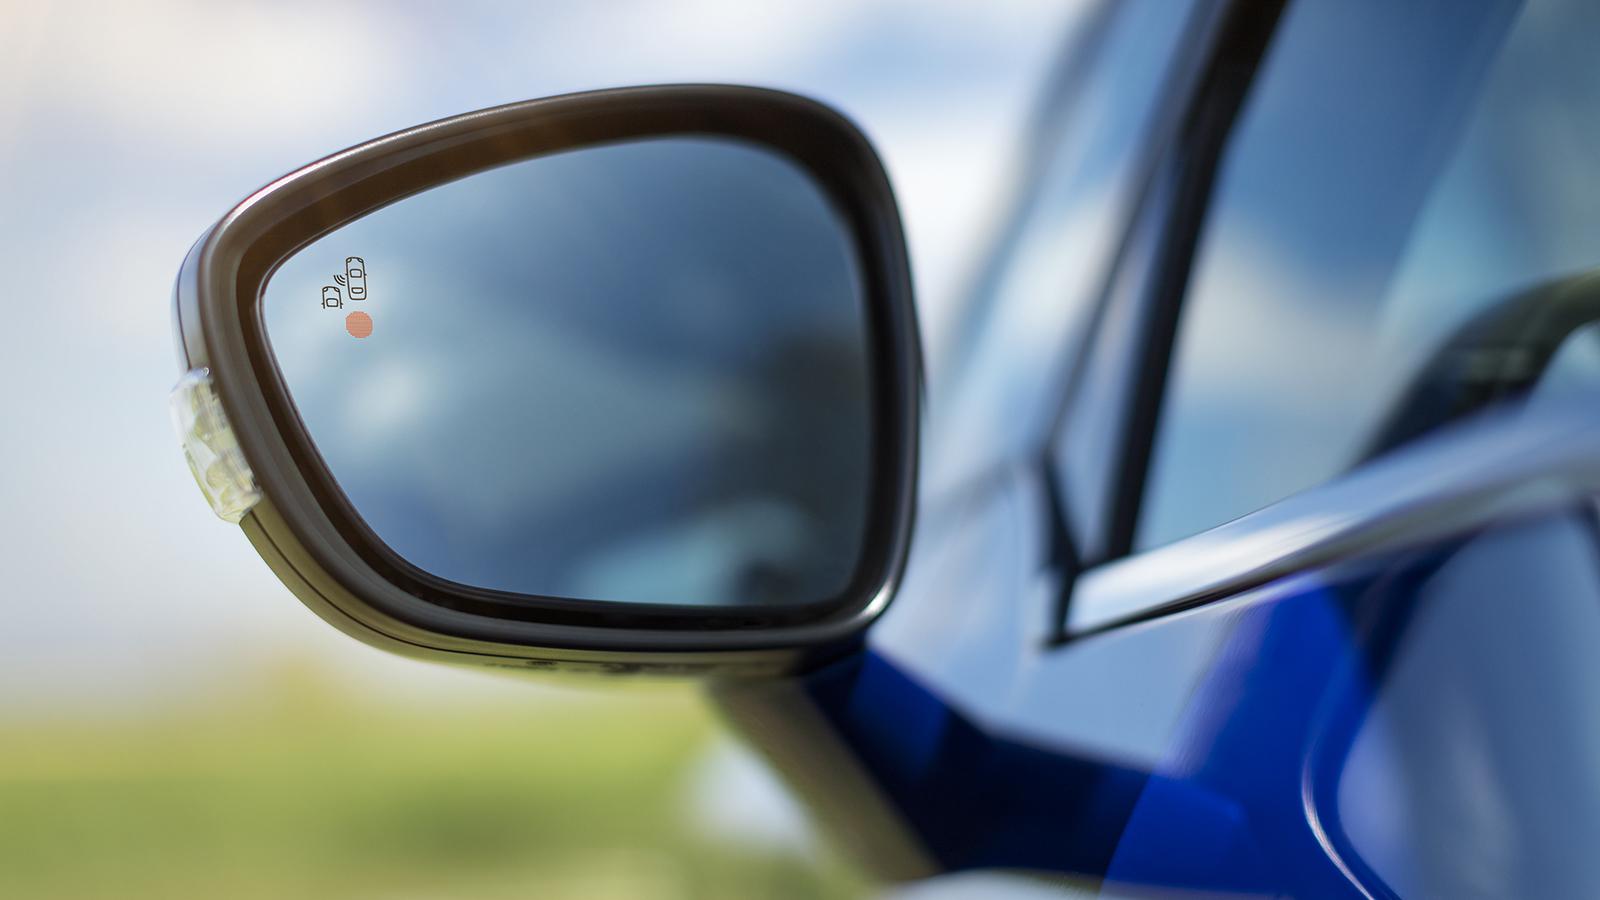 El sistema de vigilancia del ángulo muerto emite una alerta visual en los retrovisores exteriores para avisar de la presencia de un vehículo en esa zona que se escapa de la visión del conductor.